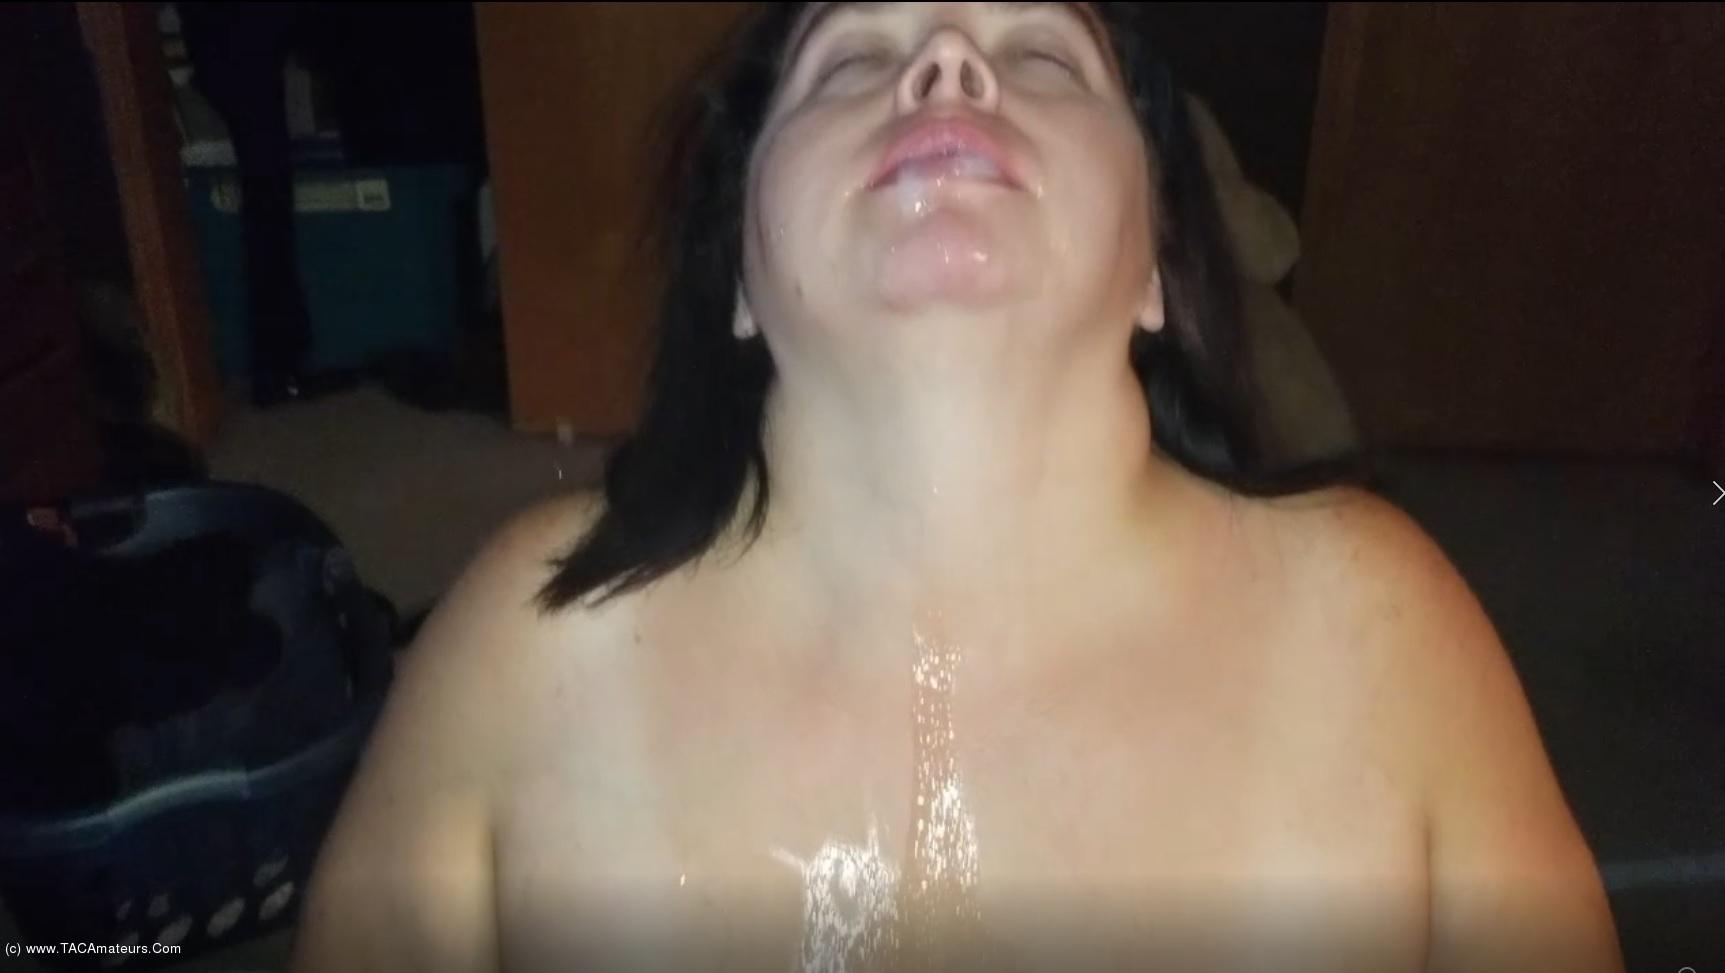 SexyNEBBW - Sexy NEBBW Gives Sloppy BJ & Swallows scene 3